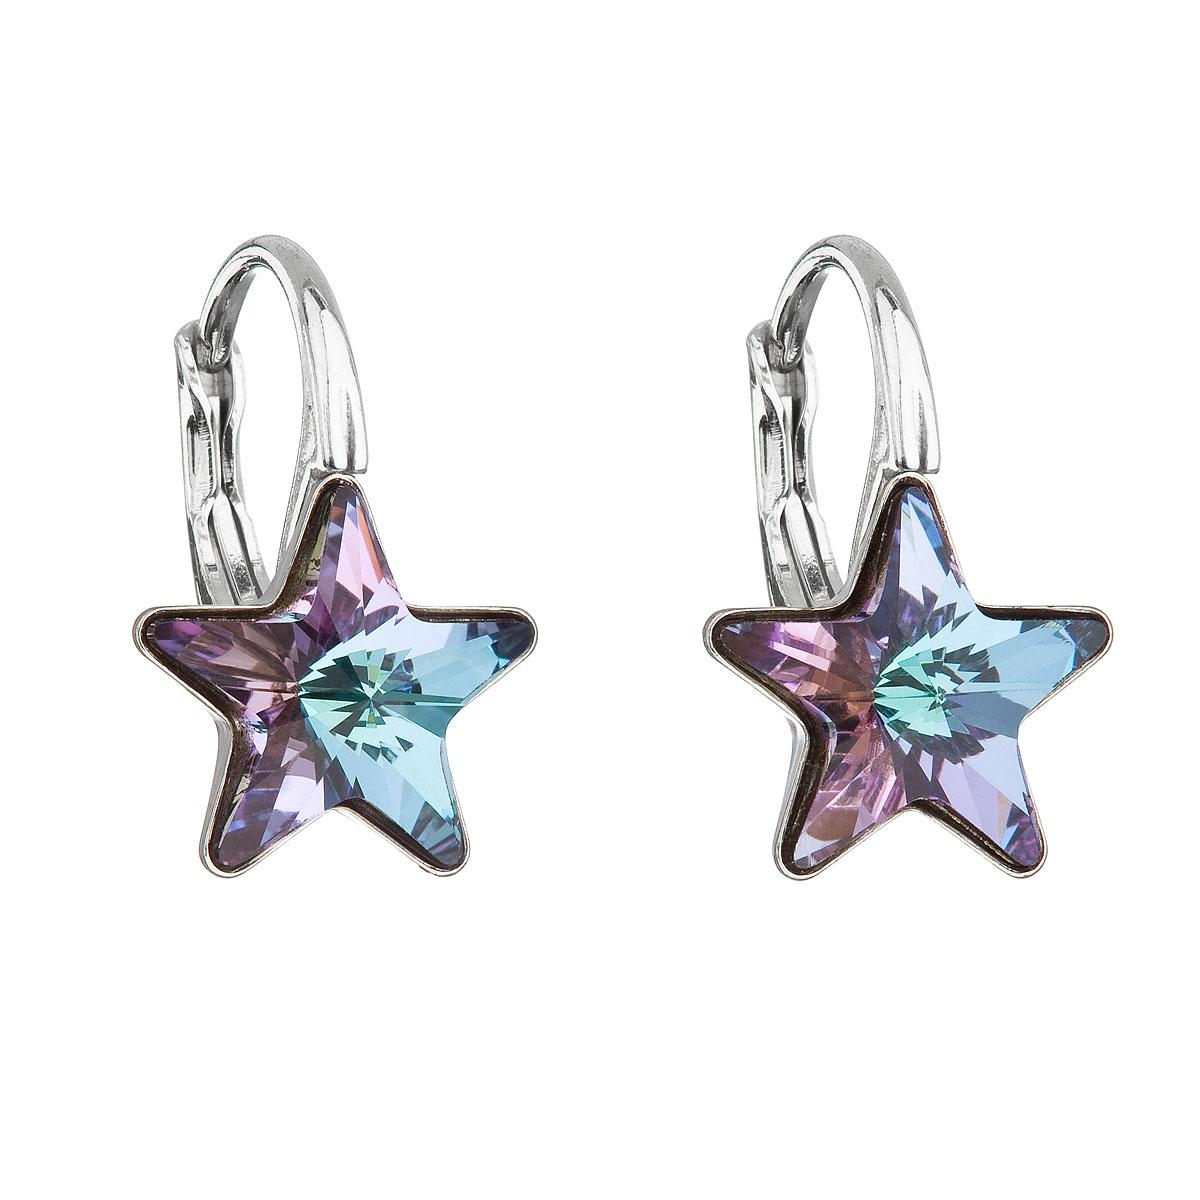 Evolution Group Stříbrné náušnice visací s krystaly Swarovski fialová hvězdička 31227.5